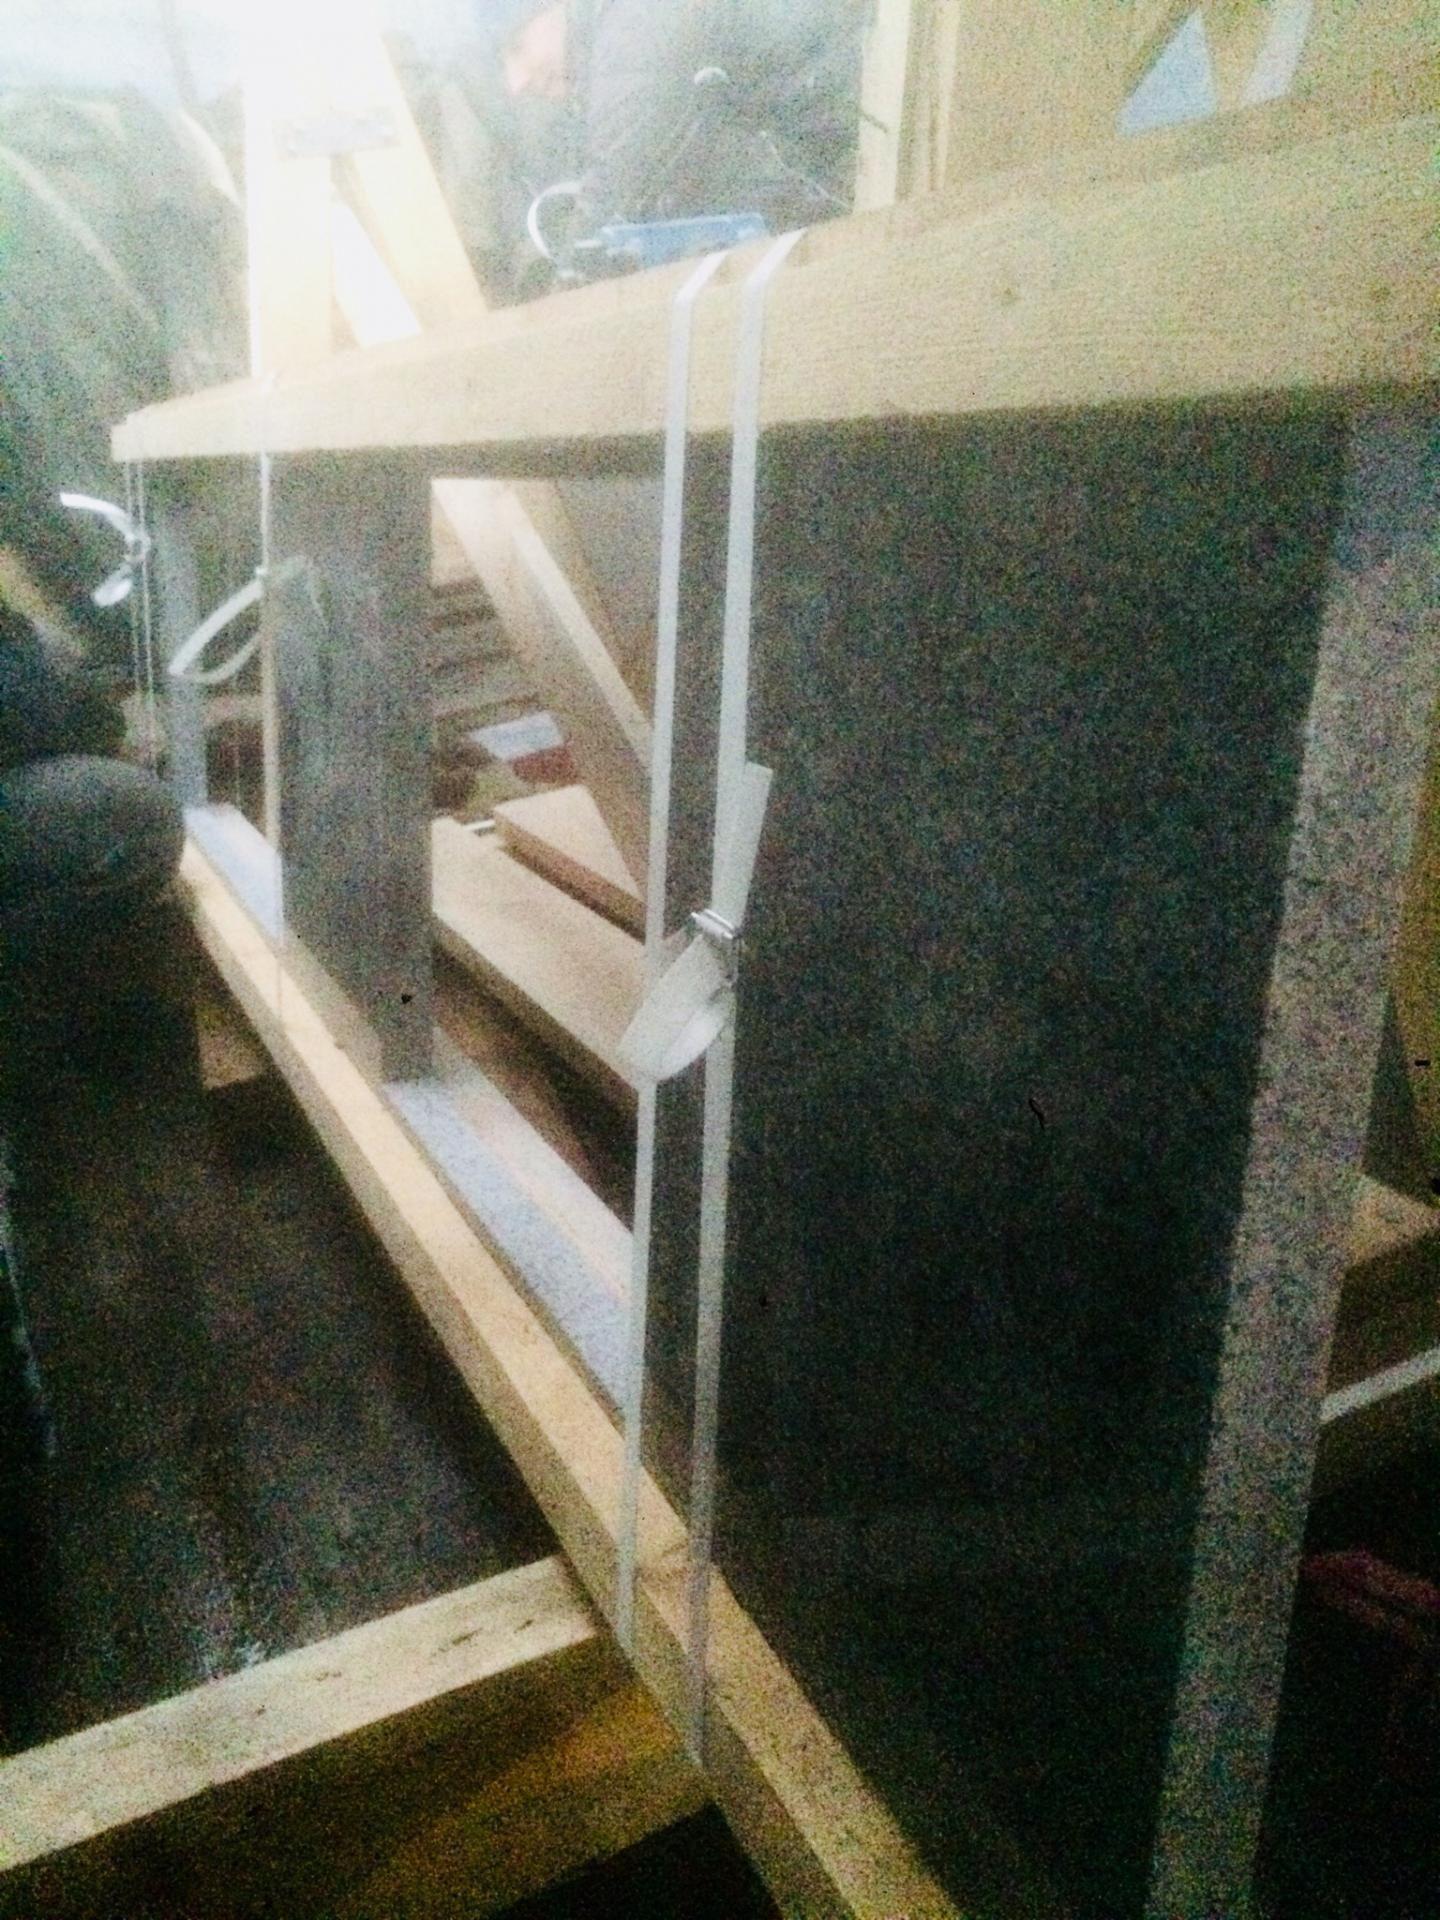 Упаковка гранитной столешницы с вырезами перед отправкой